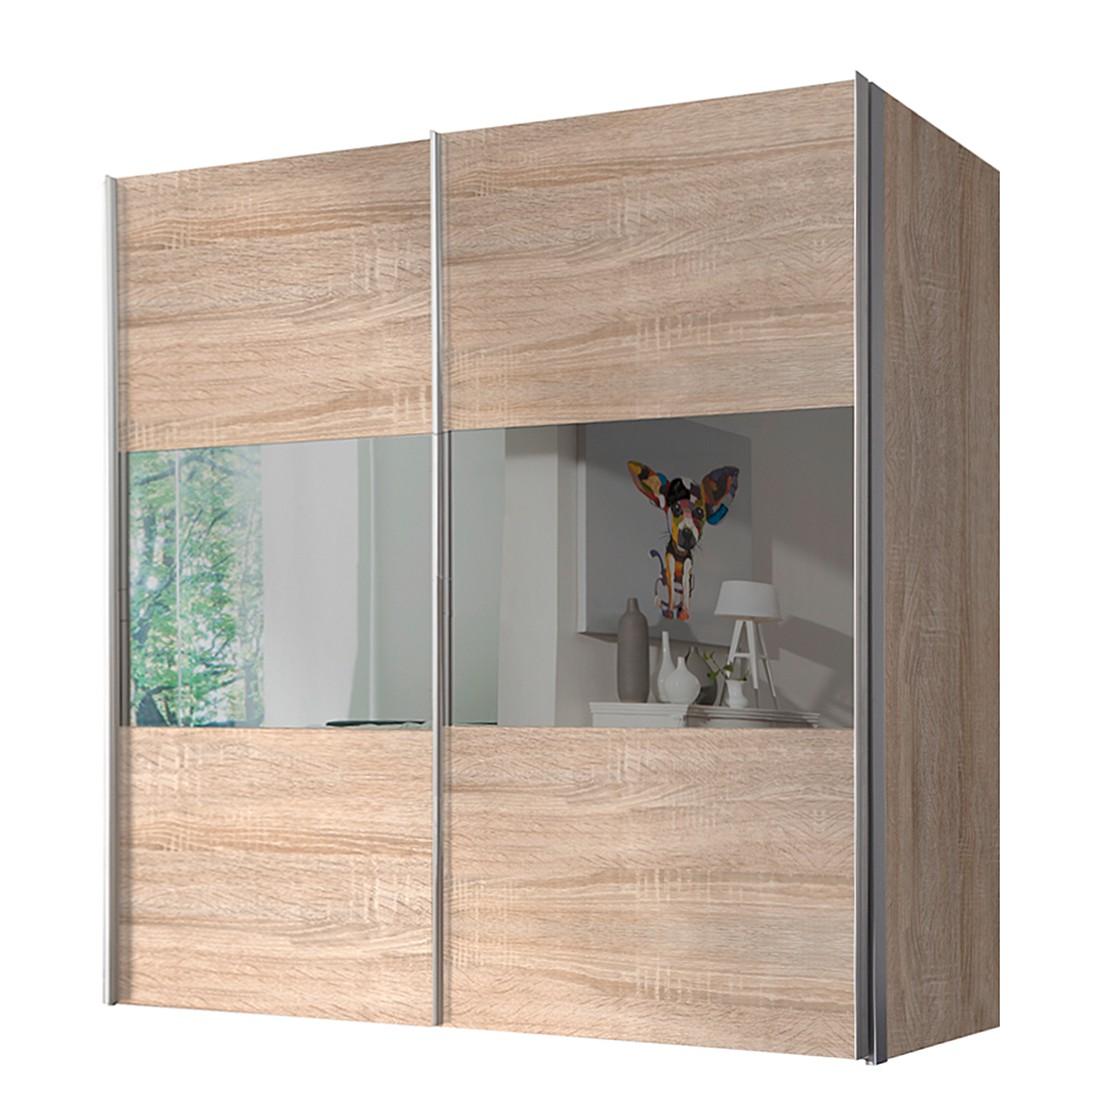 Schwebetürenschrank Ruby – Sonoma Eiche Dekor/Grauspiegel – BxH: 300 x 236 cm – 3-türig, Solutions kaufen